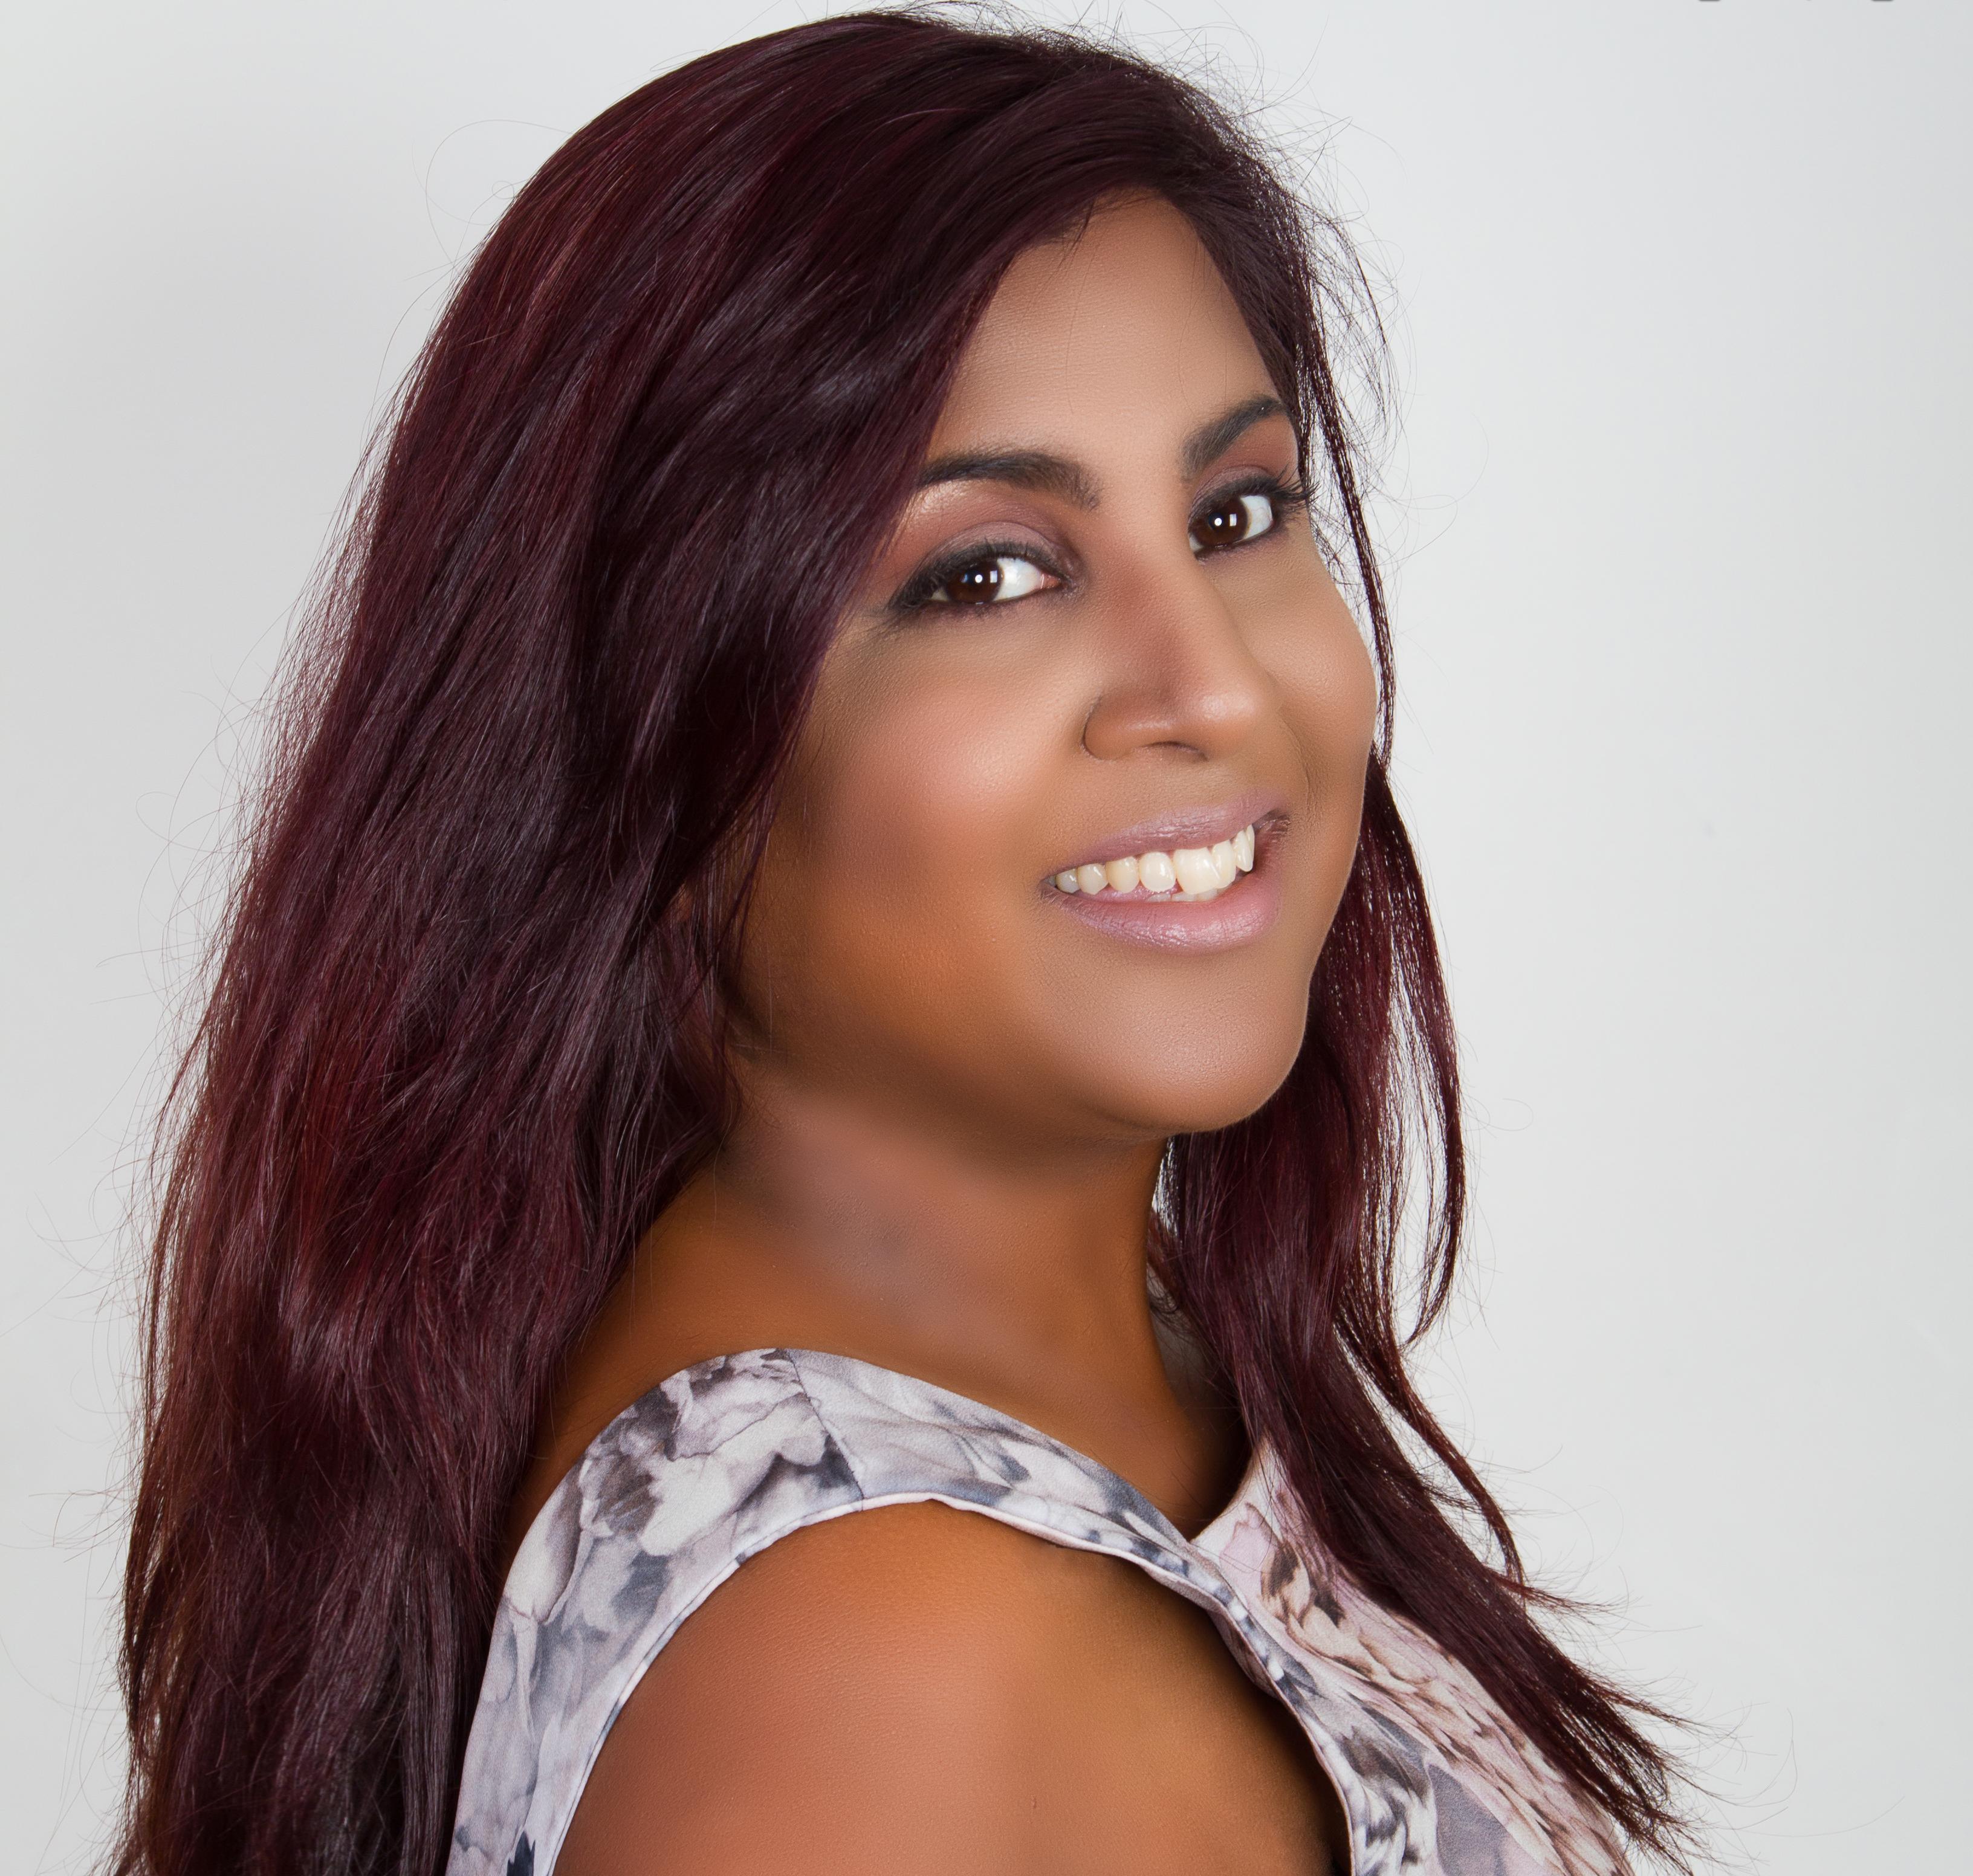 Tasiana Ramdin